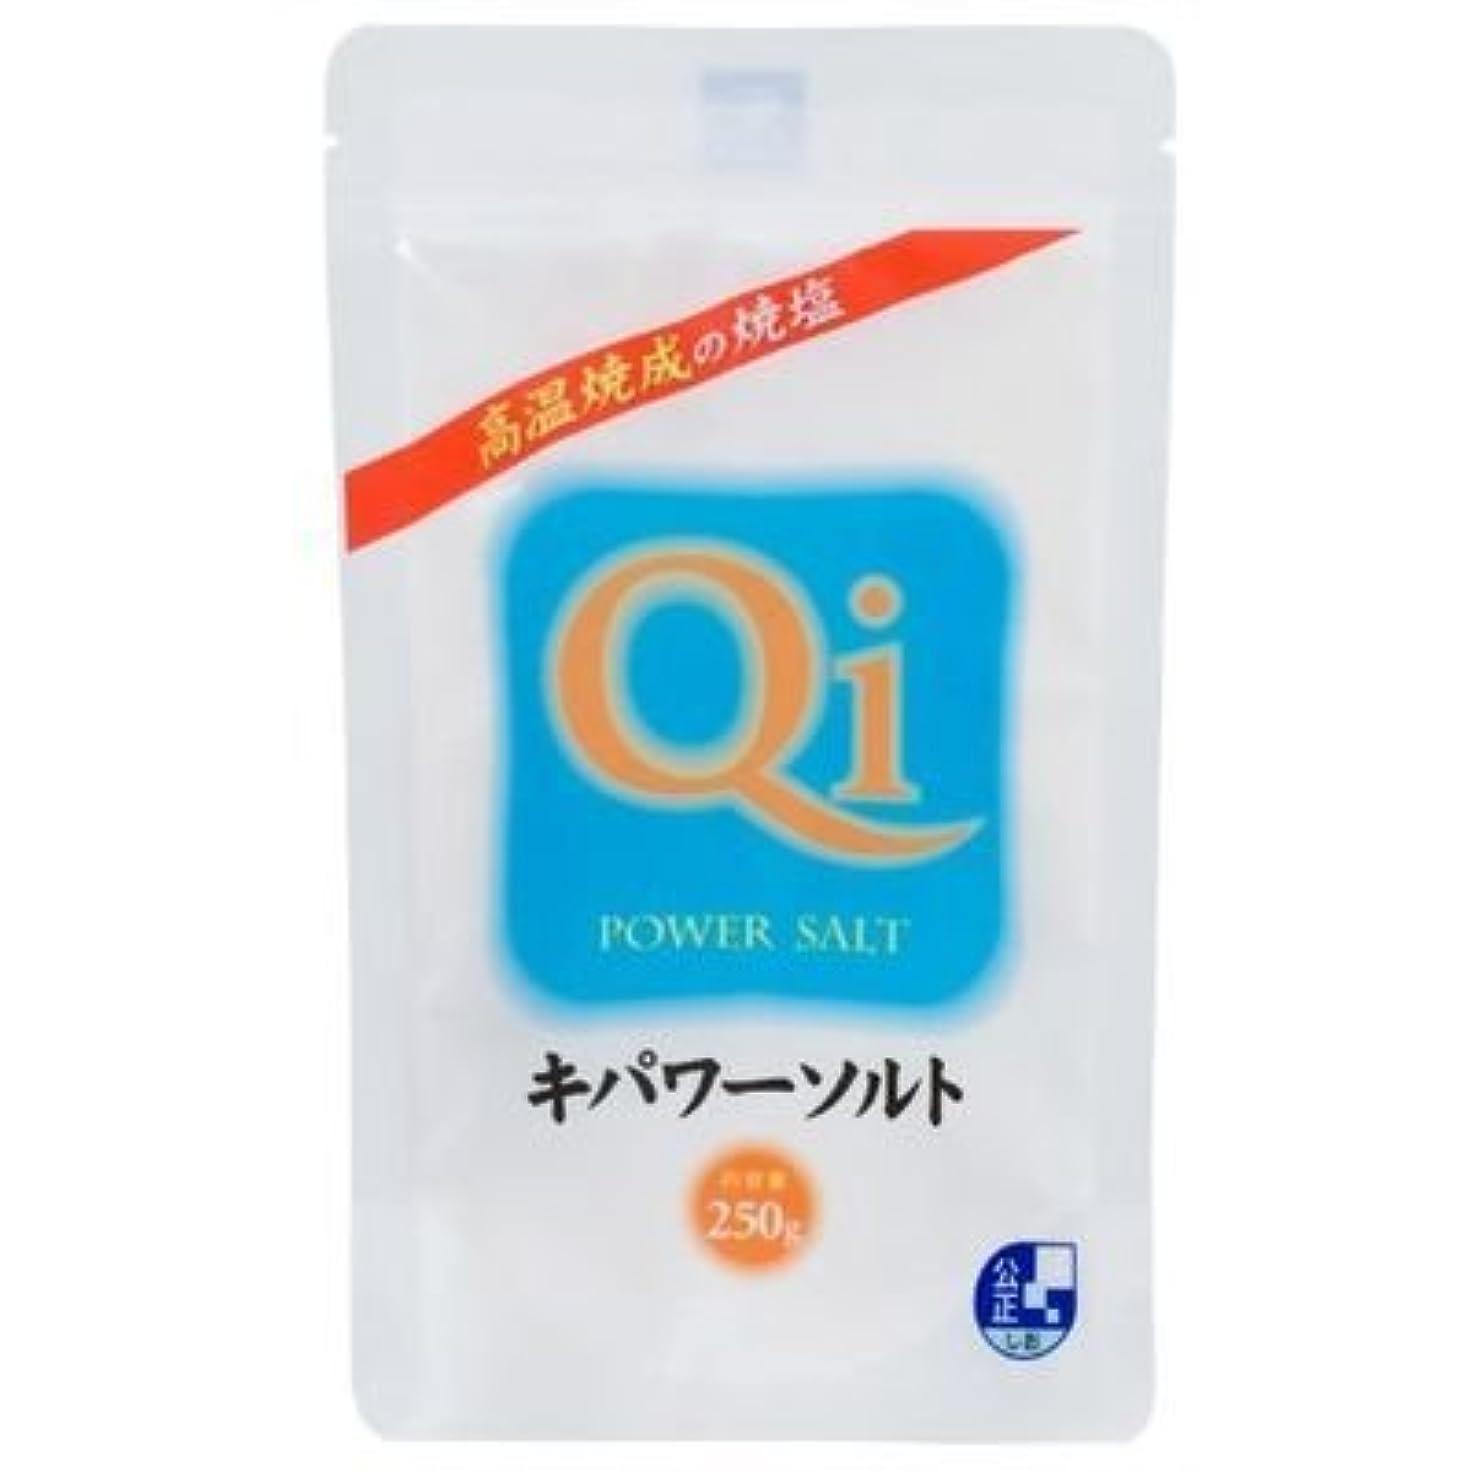 軸過敏な少しキパワーソルト(250g)